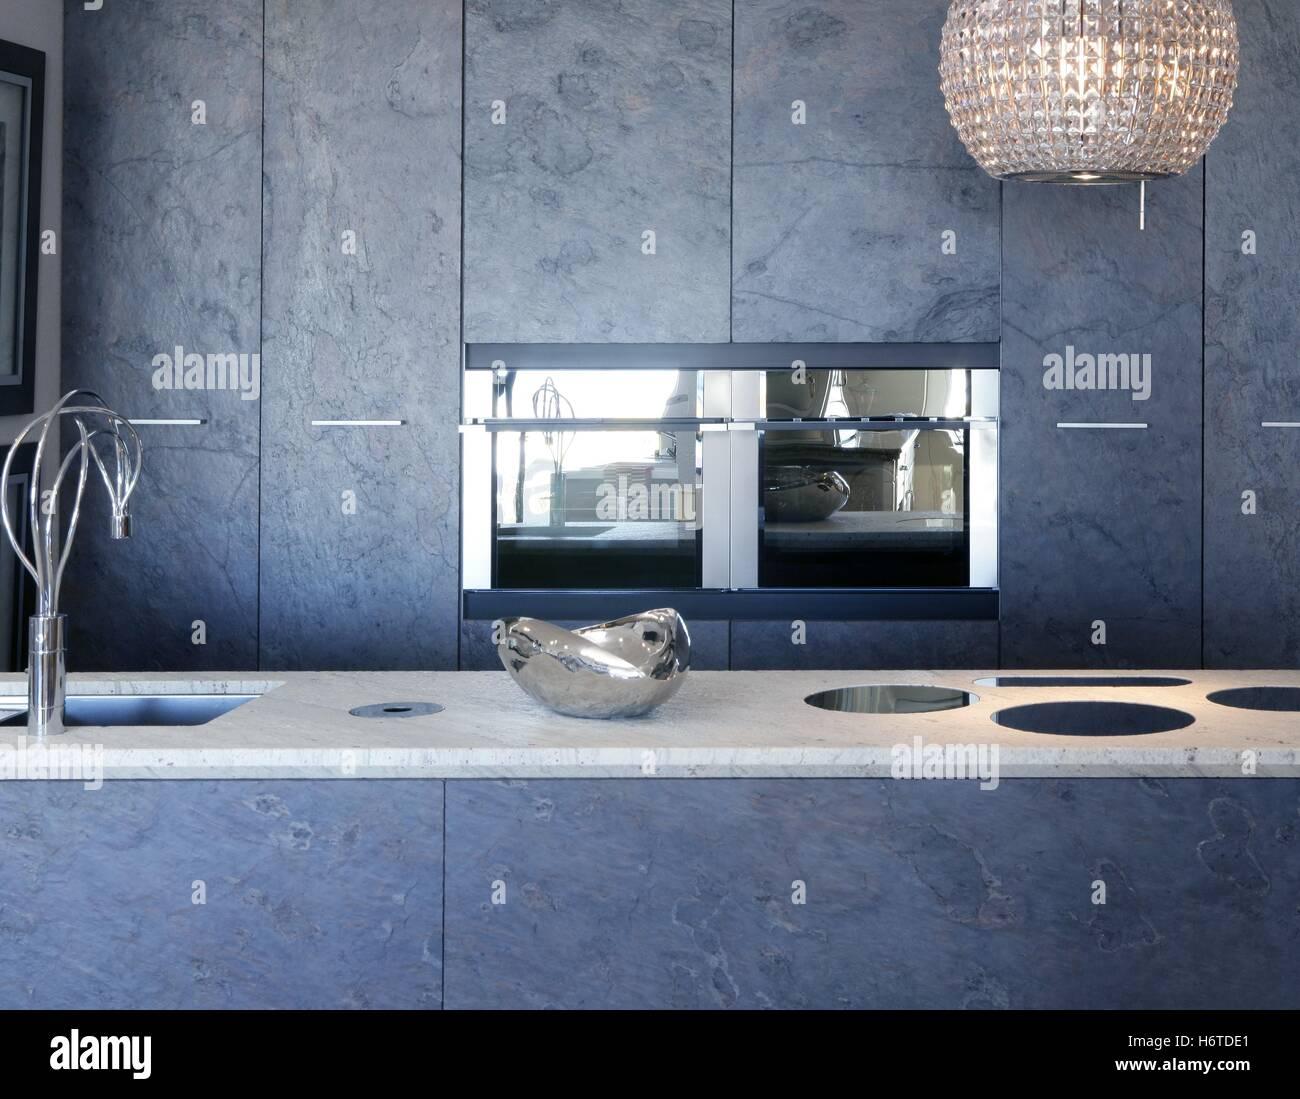 Bungalow Haus Modern Grundriss Mit Walmdach Architektur: Haus Bauen Modern. Top Die Sims Haus Bauen Modern Bungalow